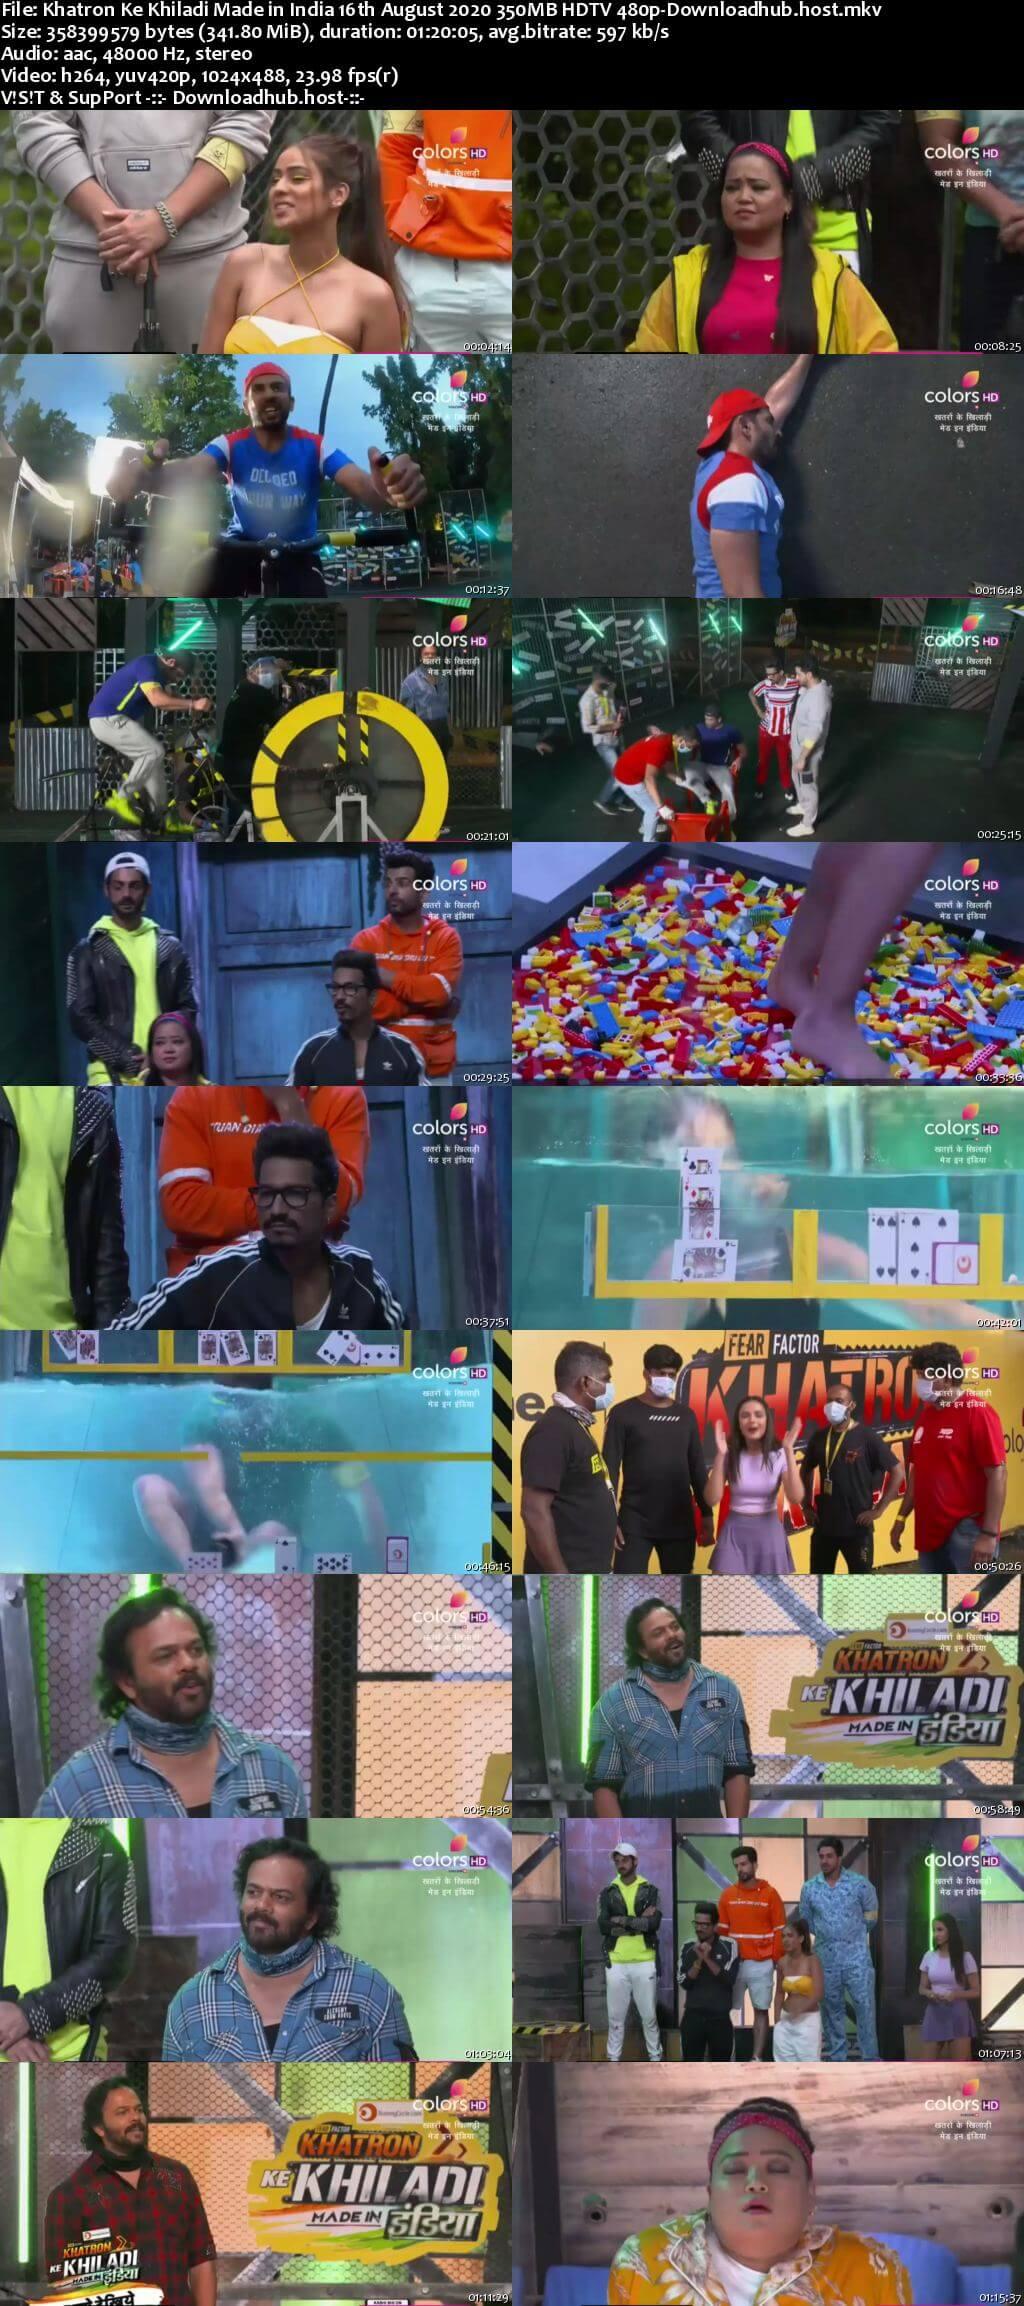 Khatron Ke Khiladi Made in India 16 August 2020 Episode 06 HDTV 480p